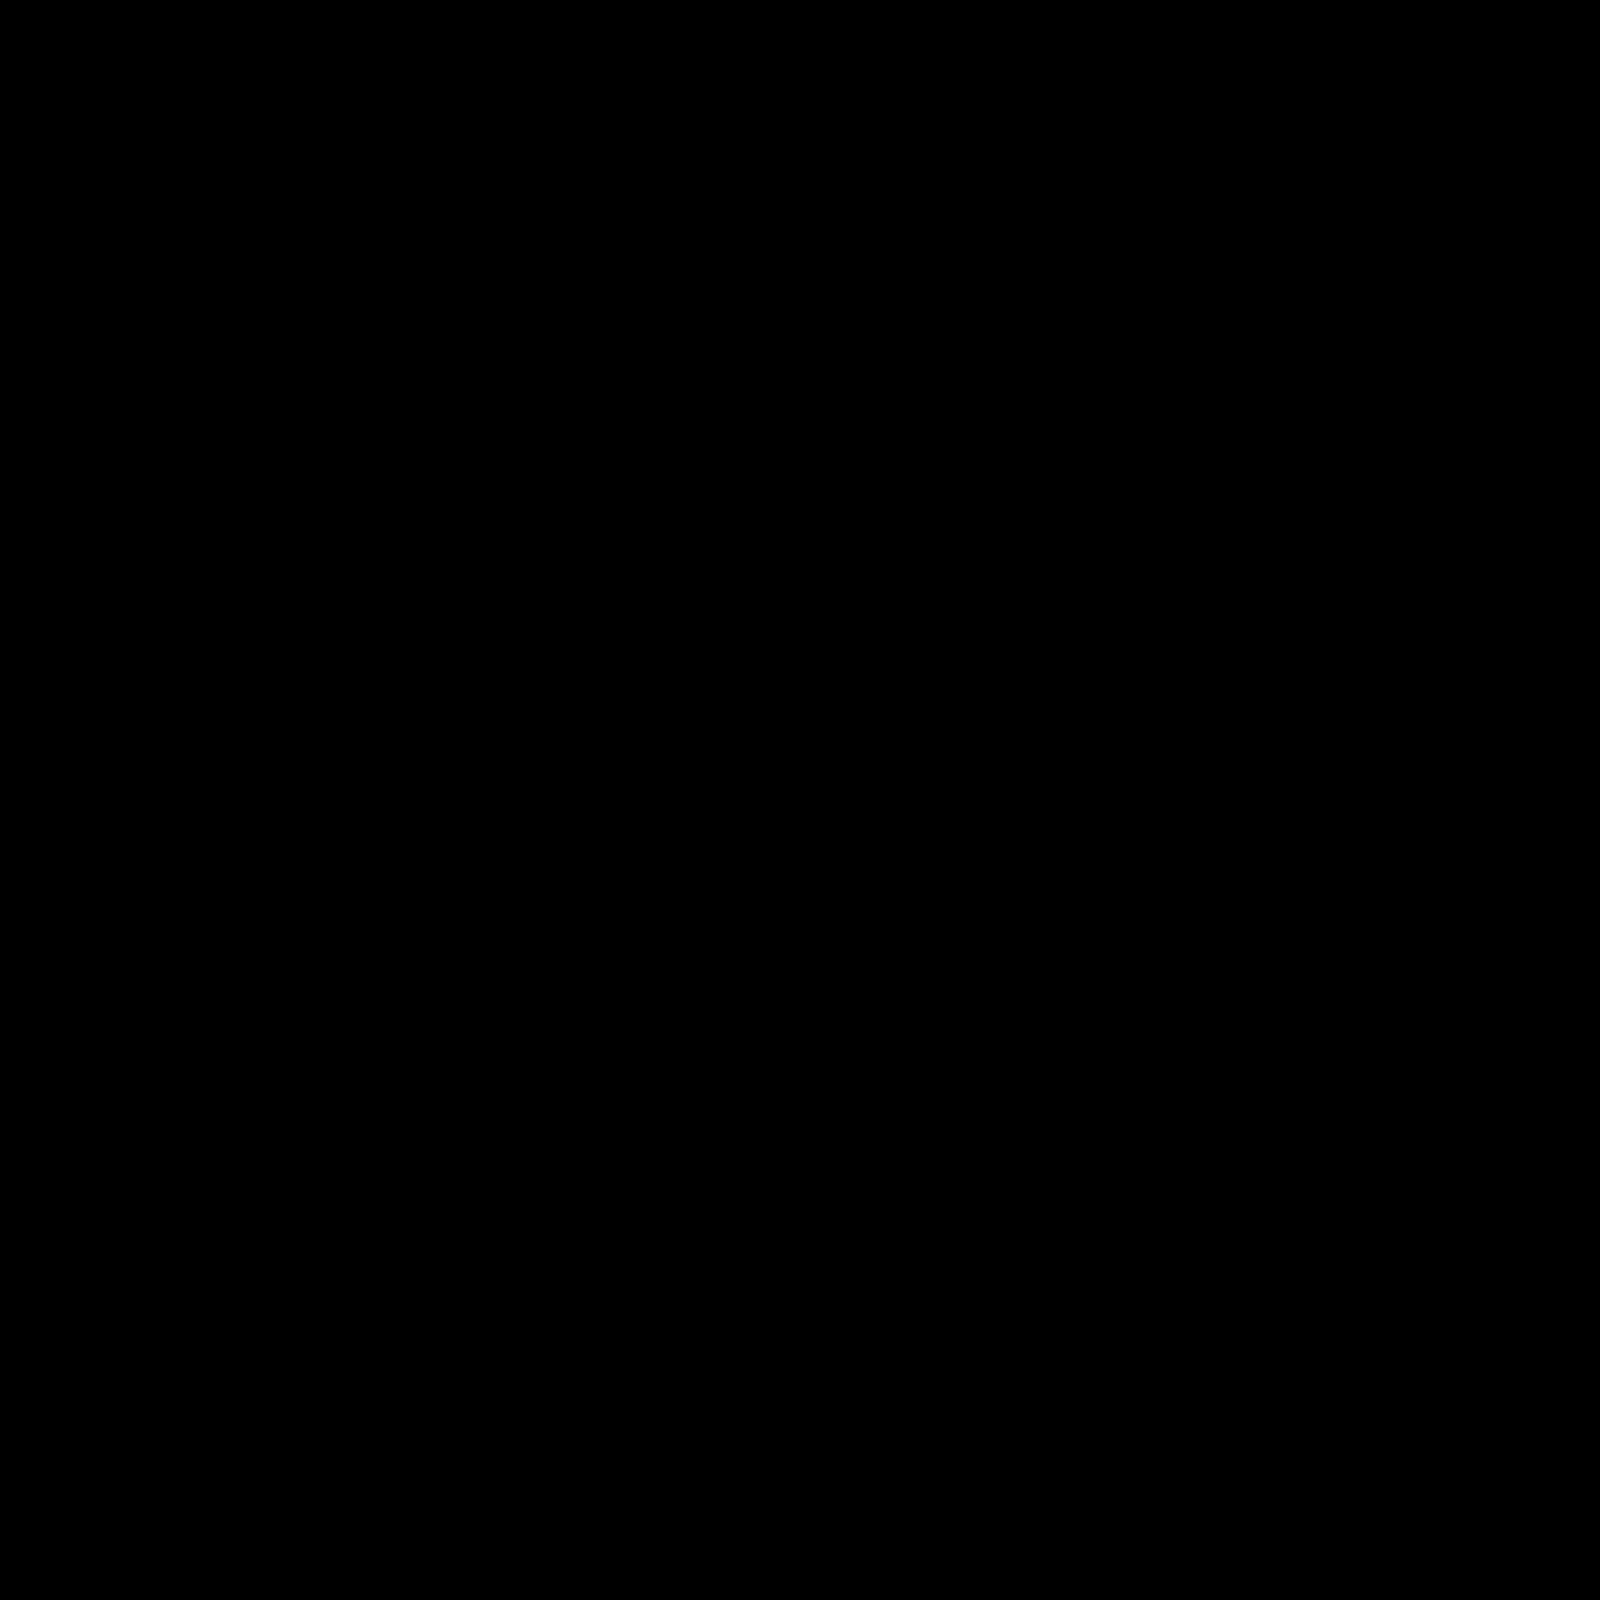 1600x1600 Amazon Icon